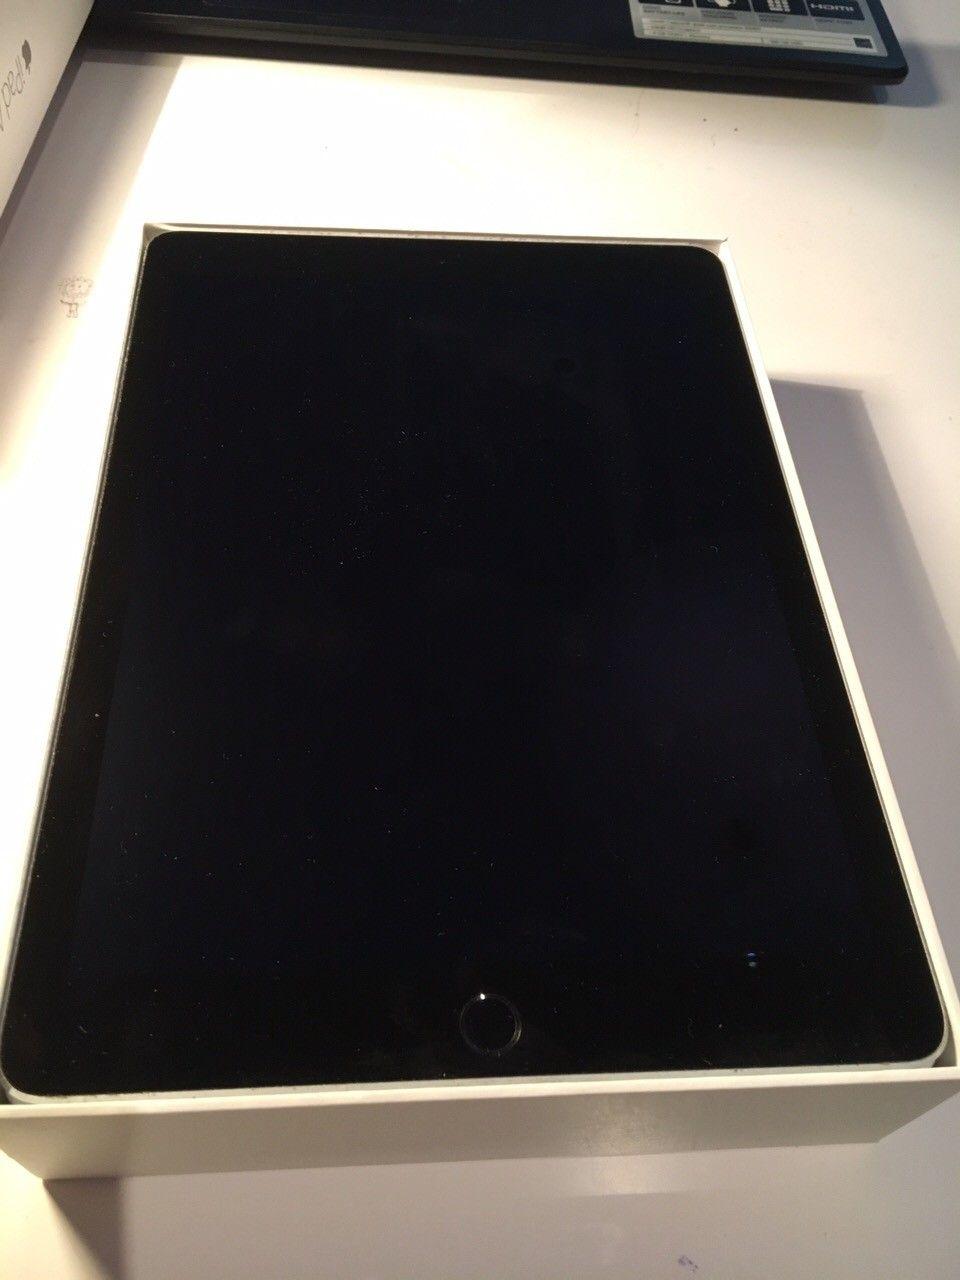 iPad Air 2 16GB - Oslo  - iPad Air 2 16GB selges pga lite bruk.  Meget pent brukt iPad air 2 selges. Kjøpt for 1,5 år siden. Du må lete lenge etter bruksmerker/riper.  Kan medfølge original Apple-etui originalt verdt 800kr om ønskelig. Lader medfølger ikke. & - Oslo